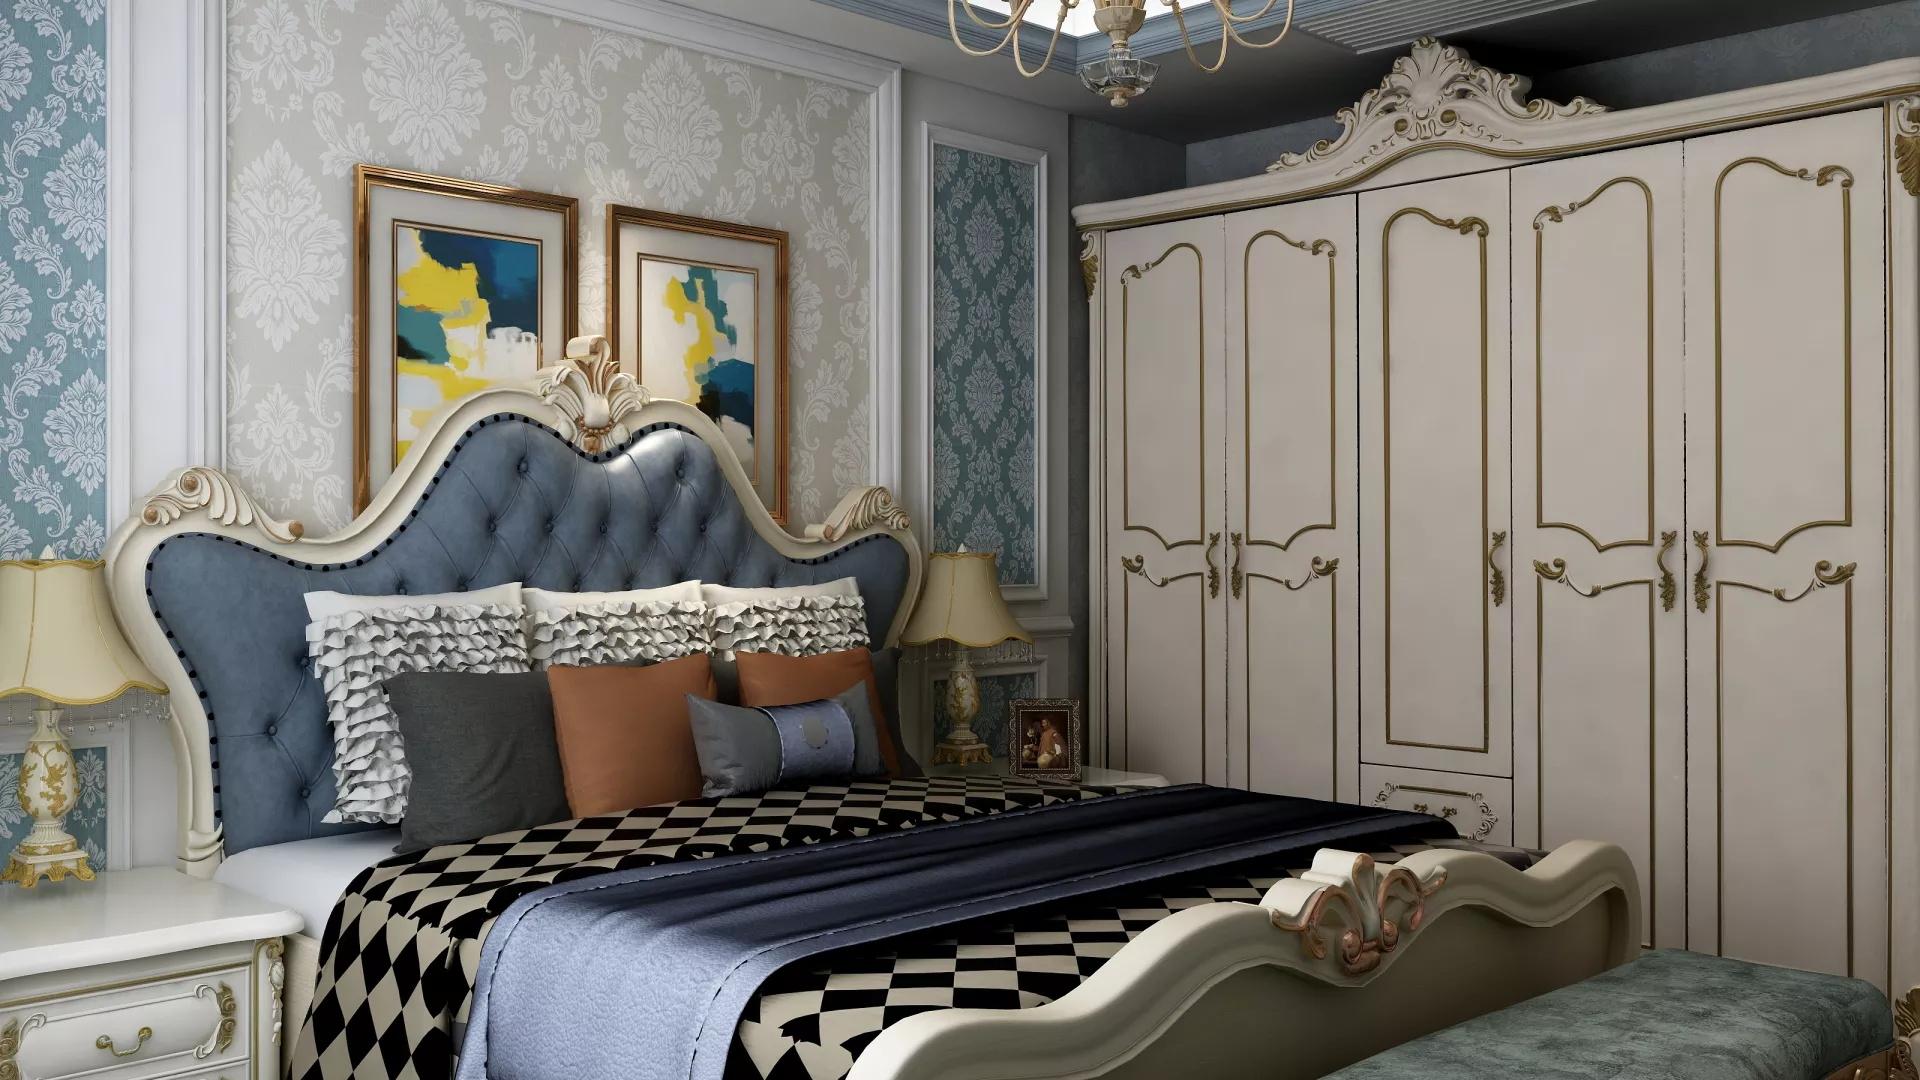 法式风格客厅吊顶墙装修效果图